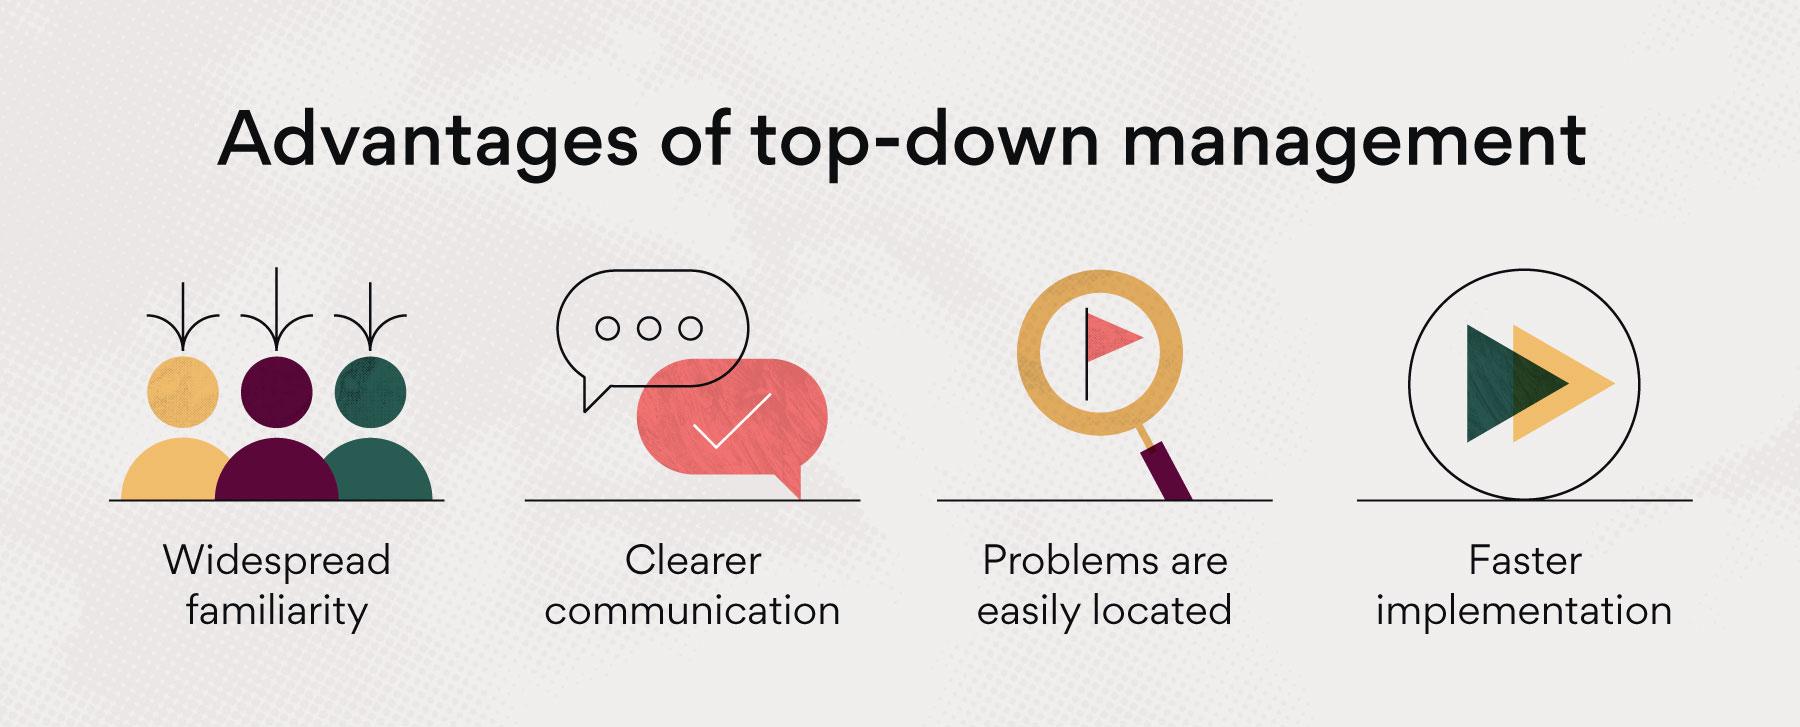 Advantages of top-down management